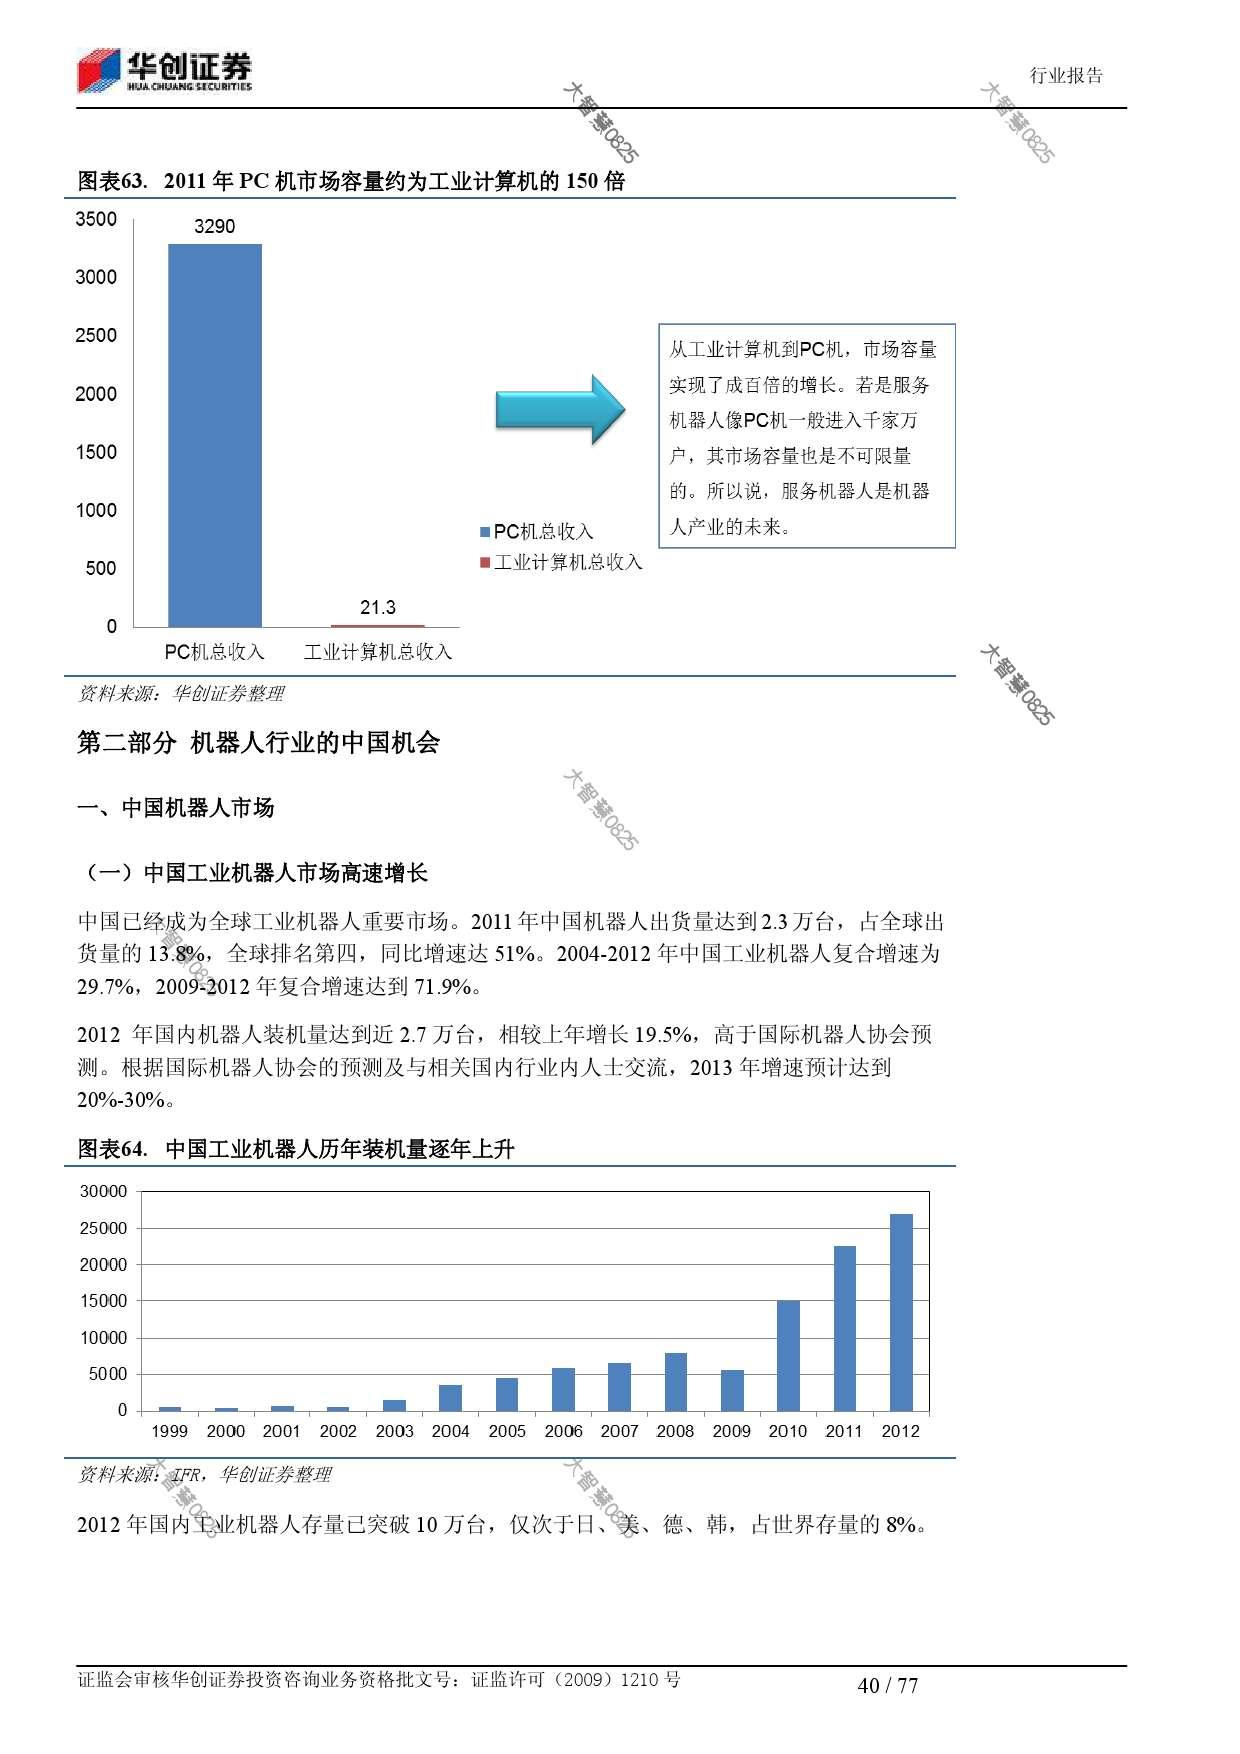 行业研究_华创证券_刘国清,鲁佩_机械设备:机器人大趋势_2014021_000040